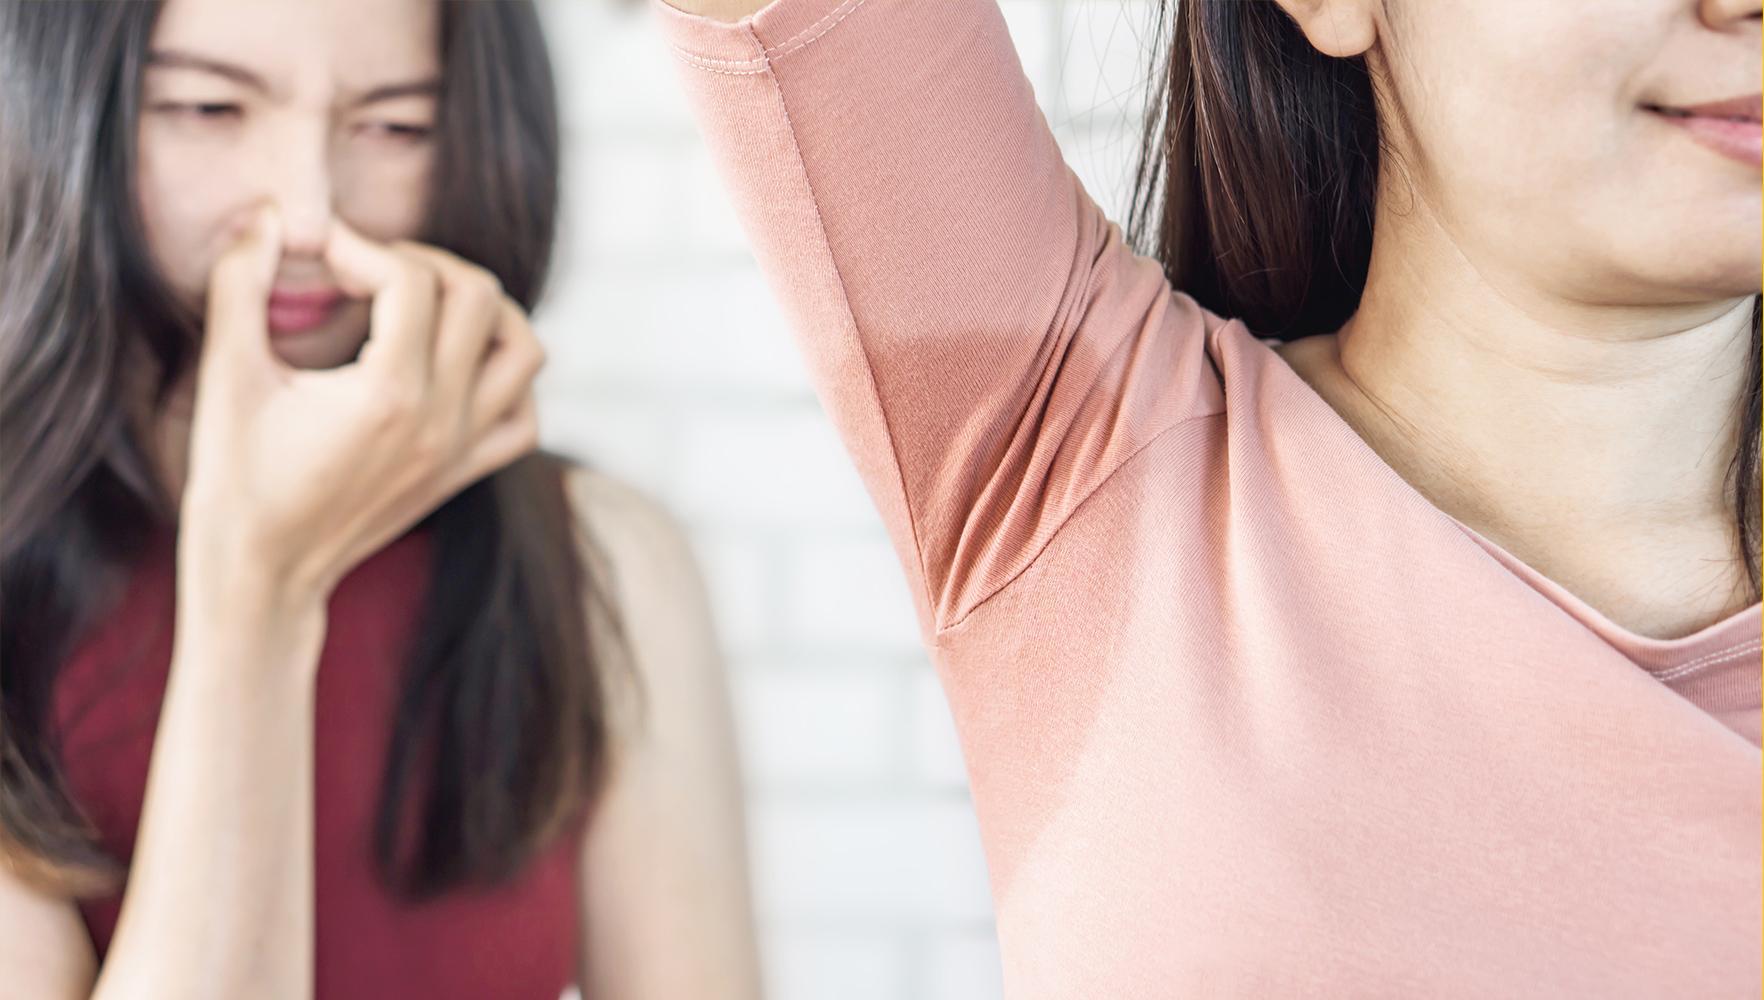 حذف بوی عرق از لباس های ورزشی